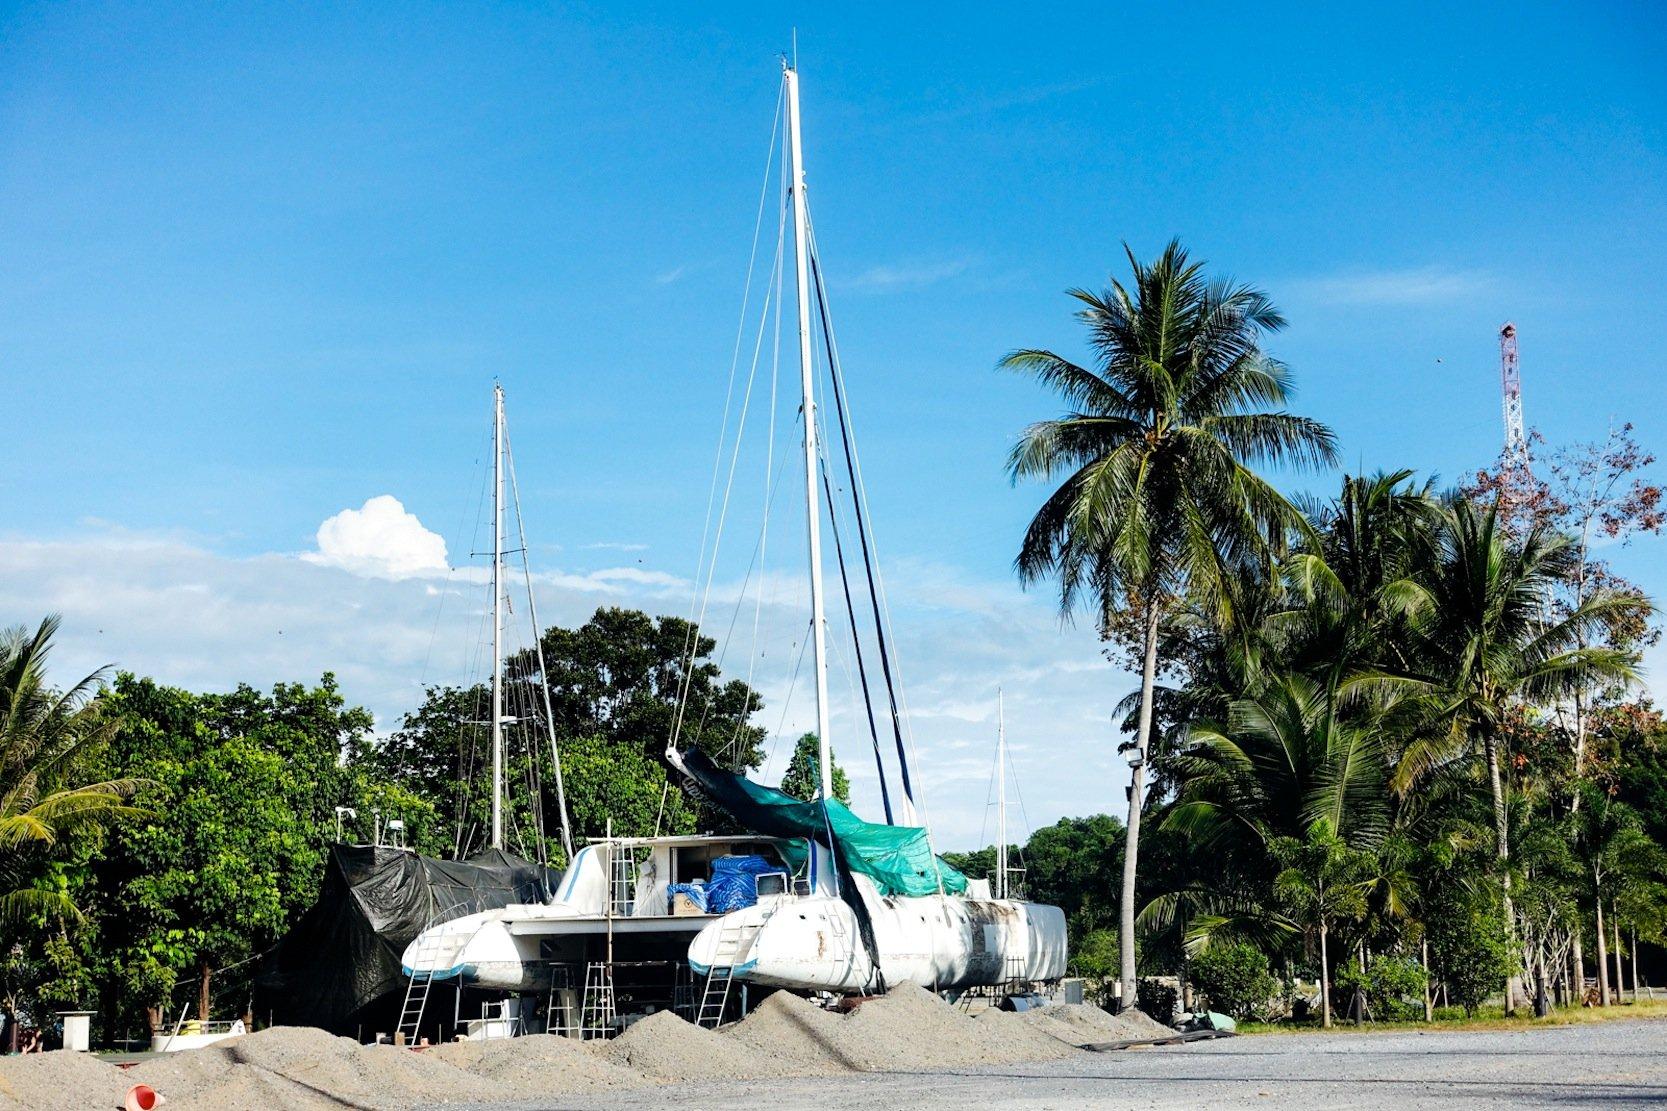 Derzeit wird das 25 m lange Coboat in Thailand wieder auf Vordermann gebracht. Ins Mittelmeer startet die Crew mit einem etwas kleineren Ersatzboot.